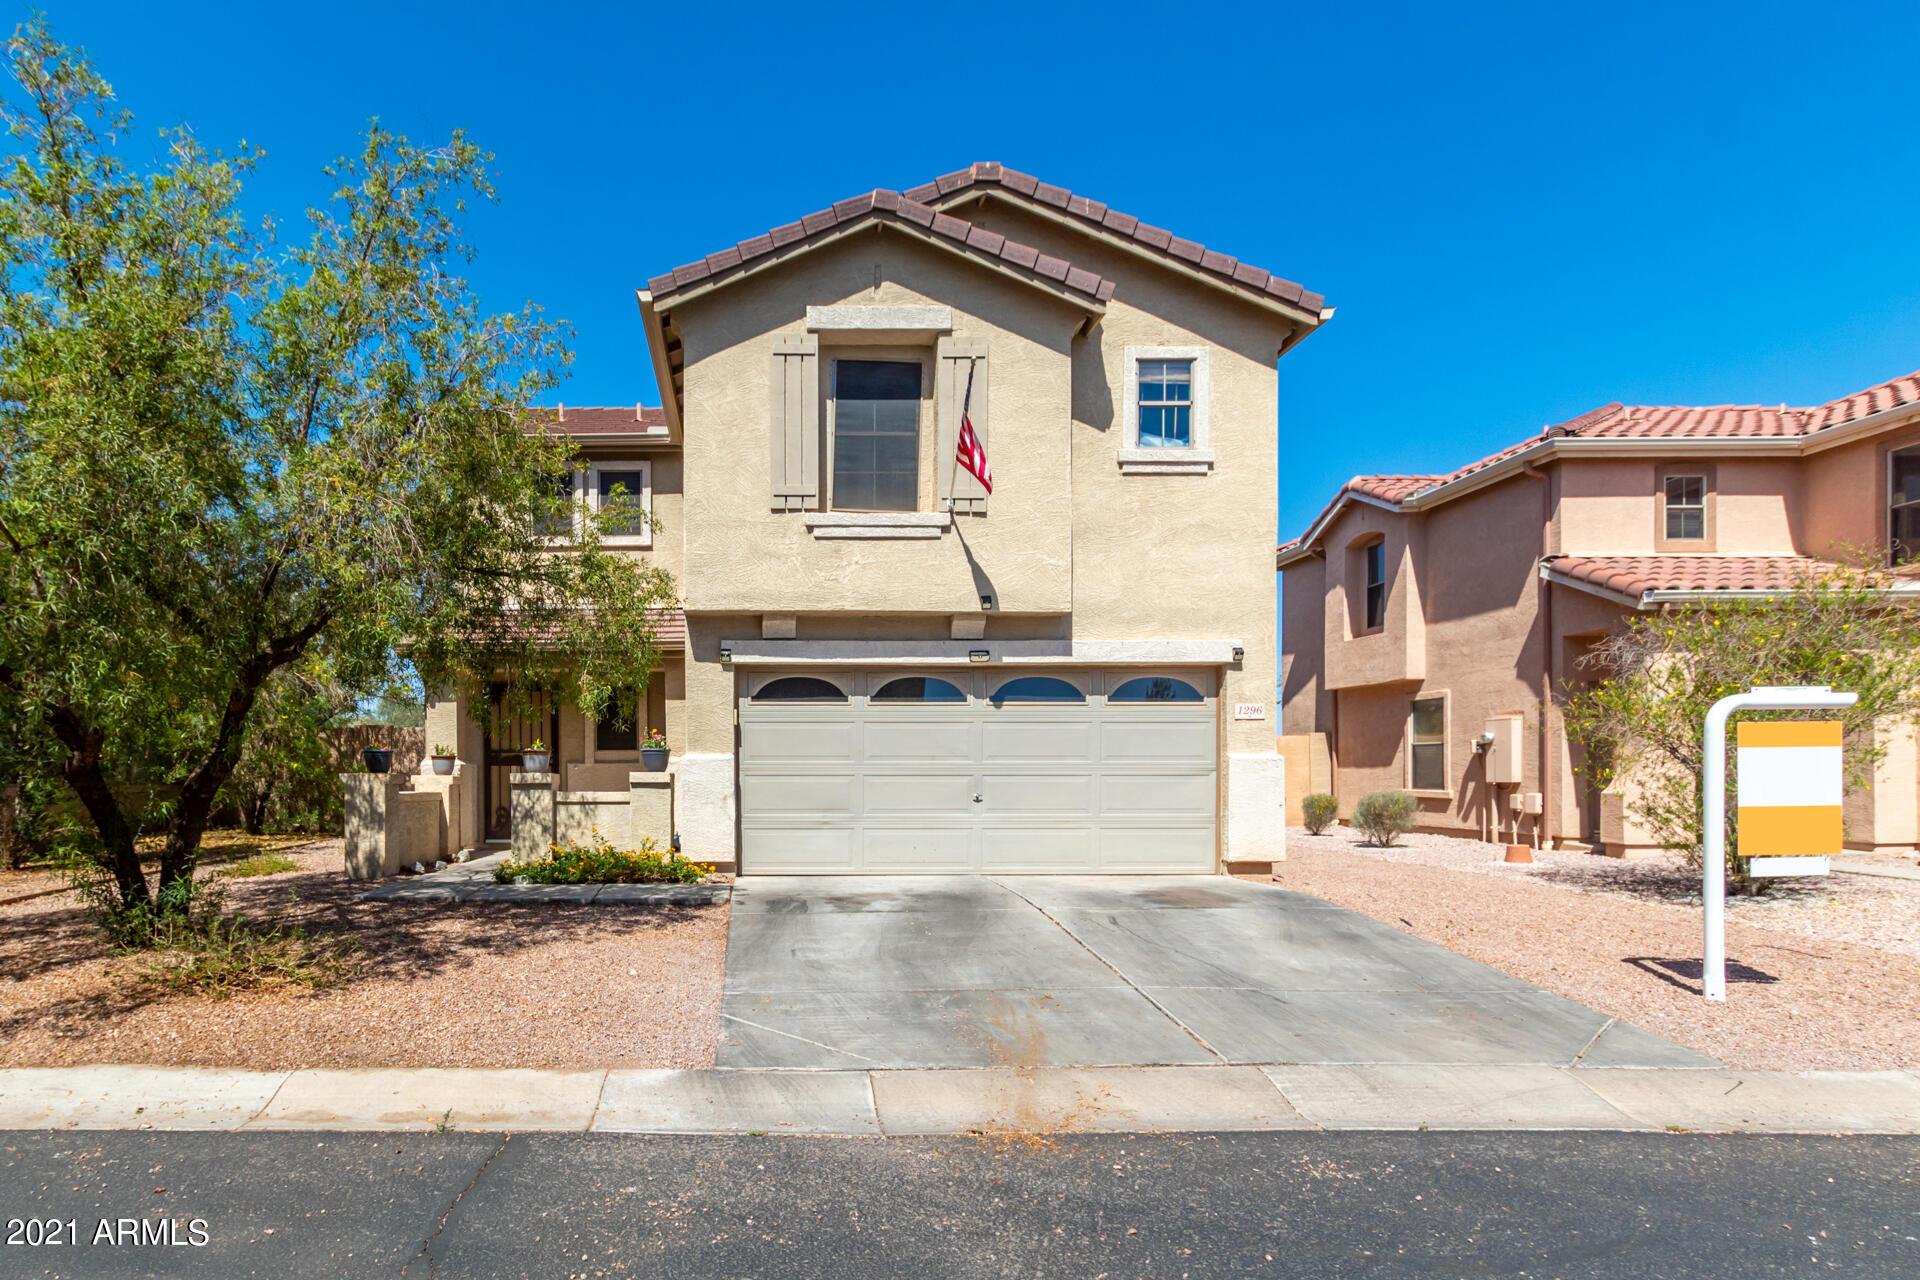 1296 BRIDGEGATE Drive, Gilbert, Arizona 85296, 3 Bedrooms Bedrooms, ,2.5 BathroomsBathrooms,Residential,For Sale,BRIDGEGATE,6235672